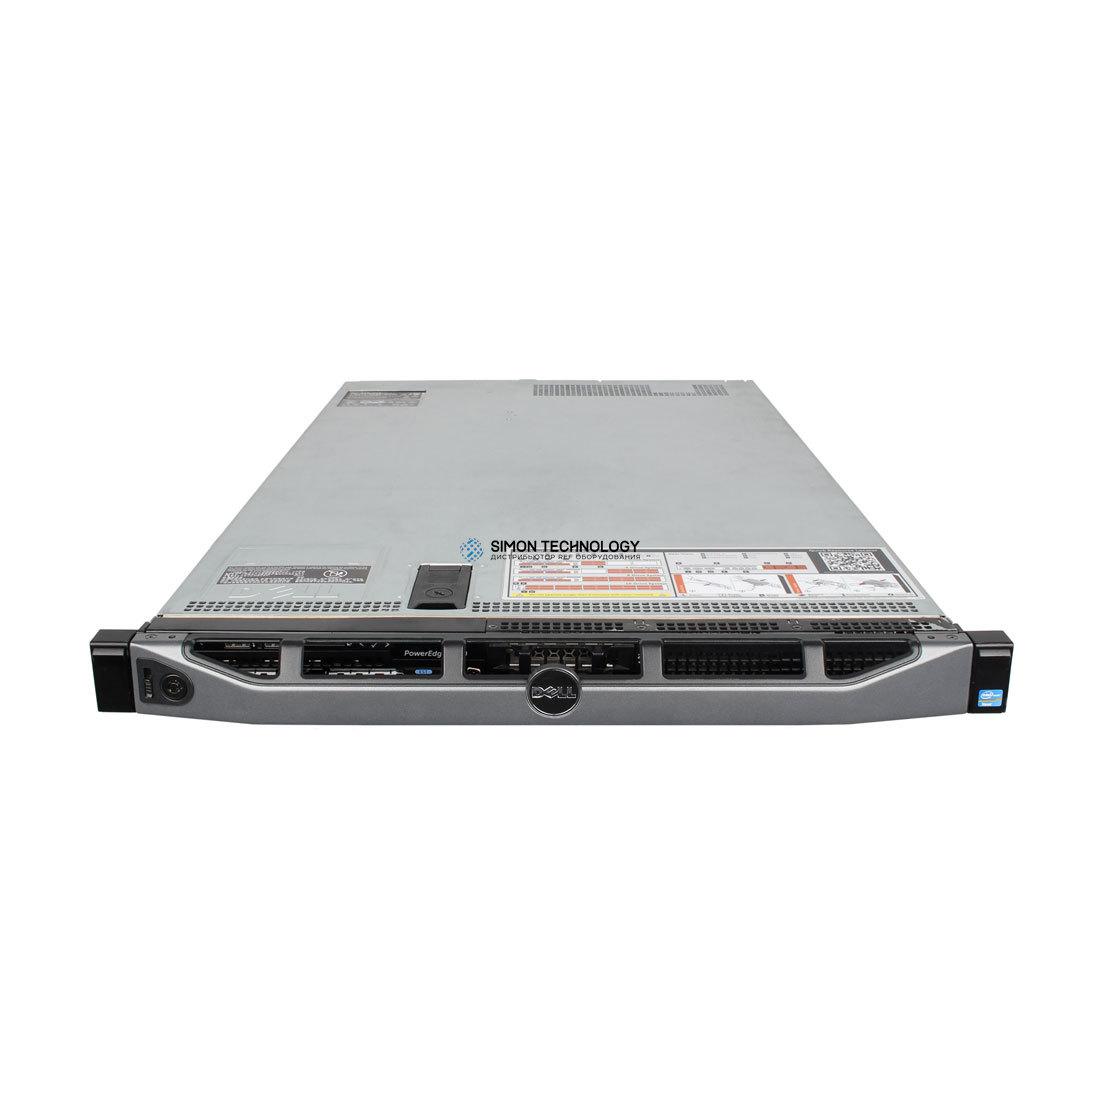 Сервер Dell PER620 V2 CTO PERC S110 ENTERPRISE LICENCE 8*SFF (R620V2 ENT)